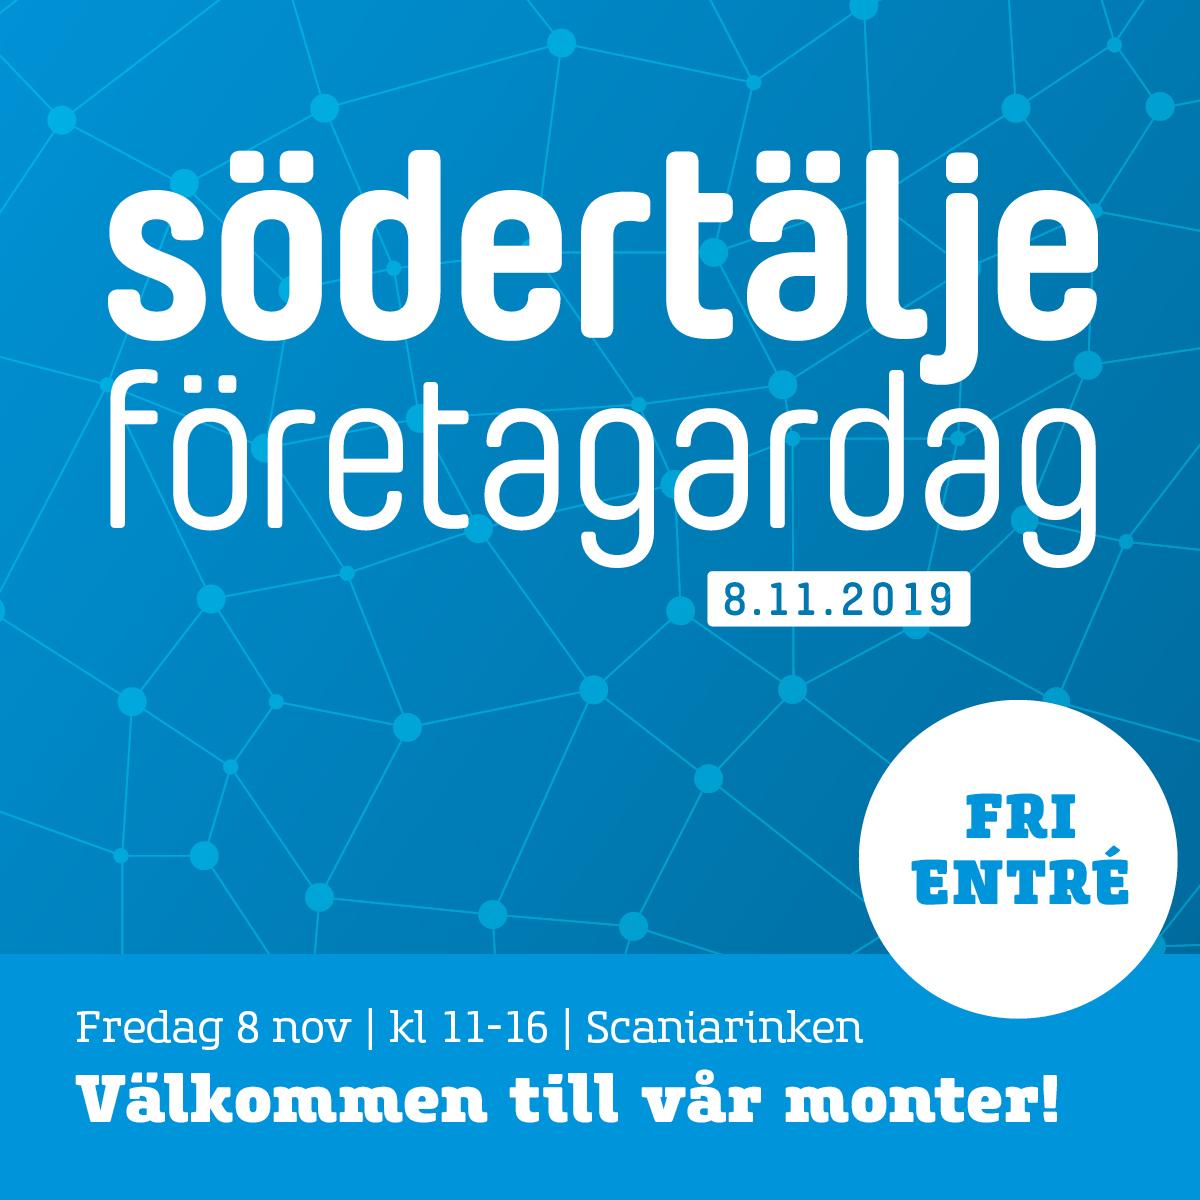 Södertälje Företagardag 8 november 2019